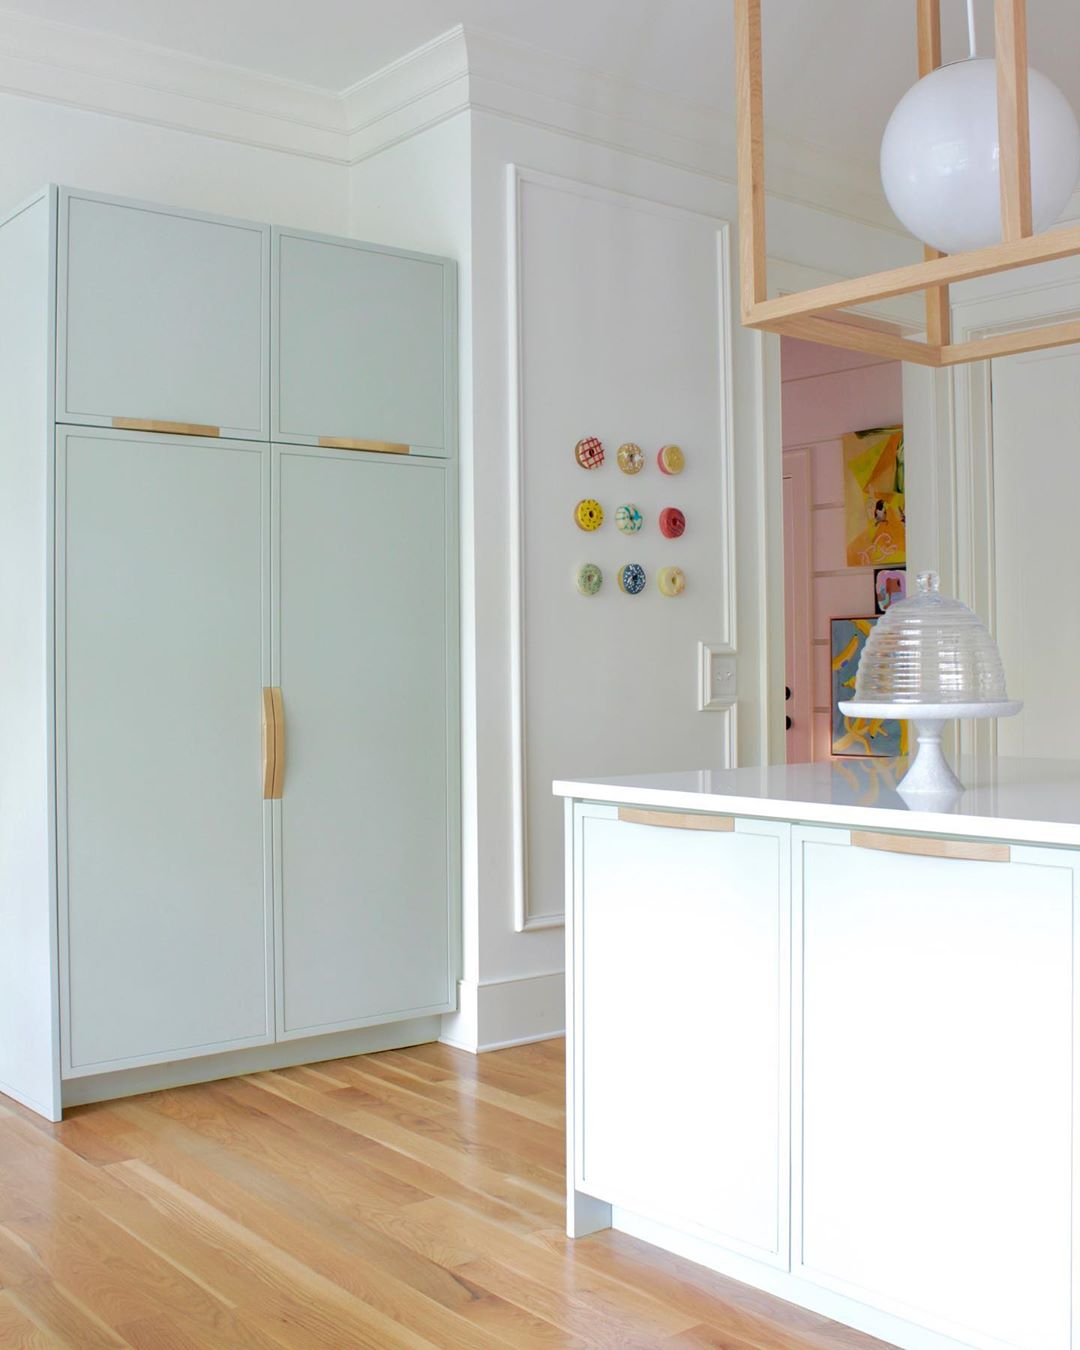 Dom umetnice Angele Chrusciaki Blehm je umetnička instalacija u boji (фото 5)